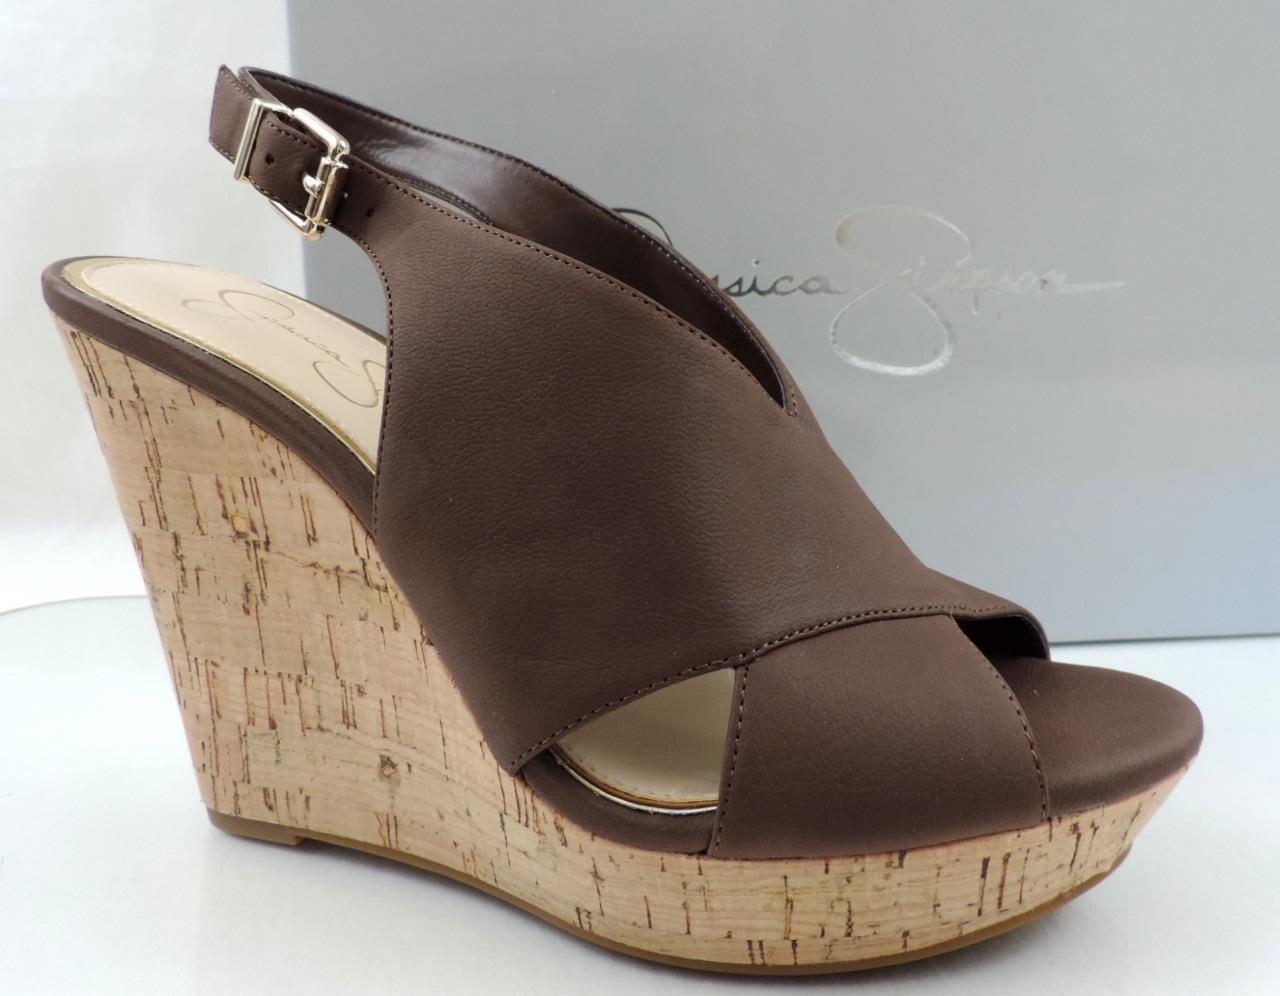 Womens Jessica Simpson Colavita Platform Wedge Heels sandals Brown Size 9.5